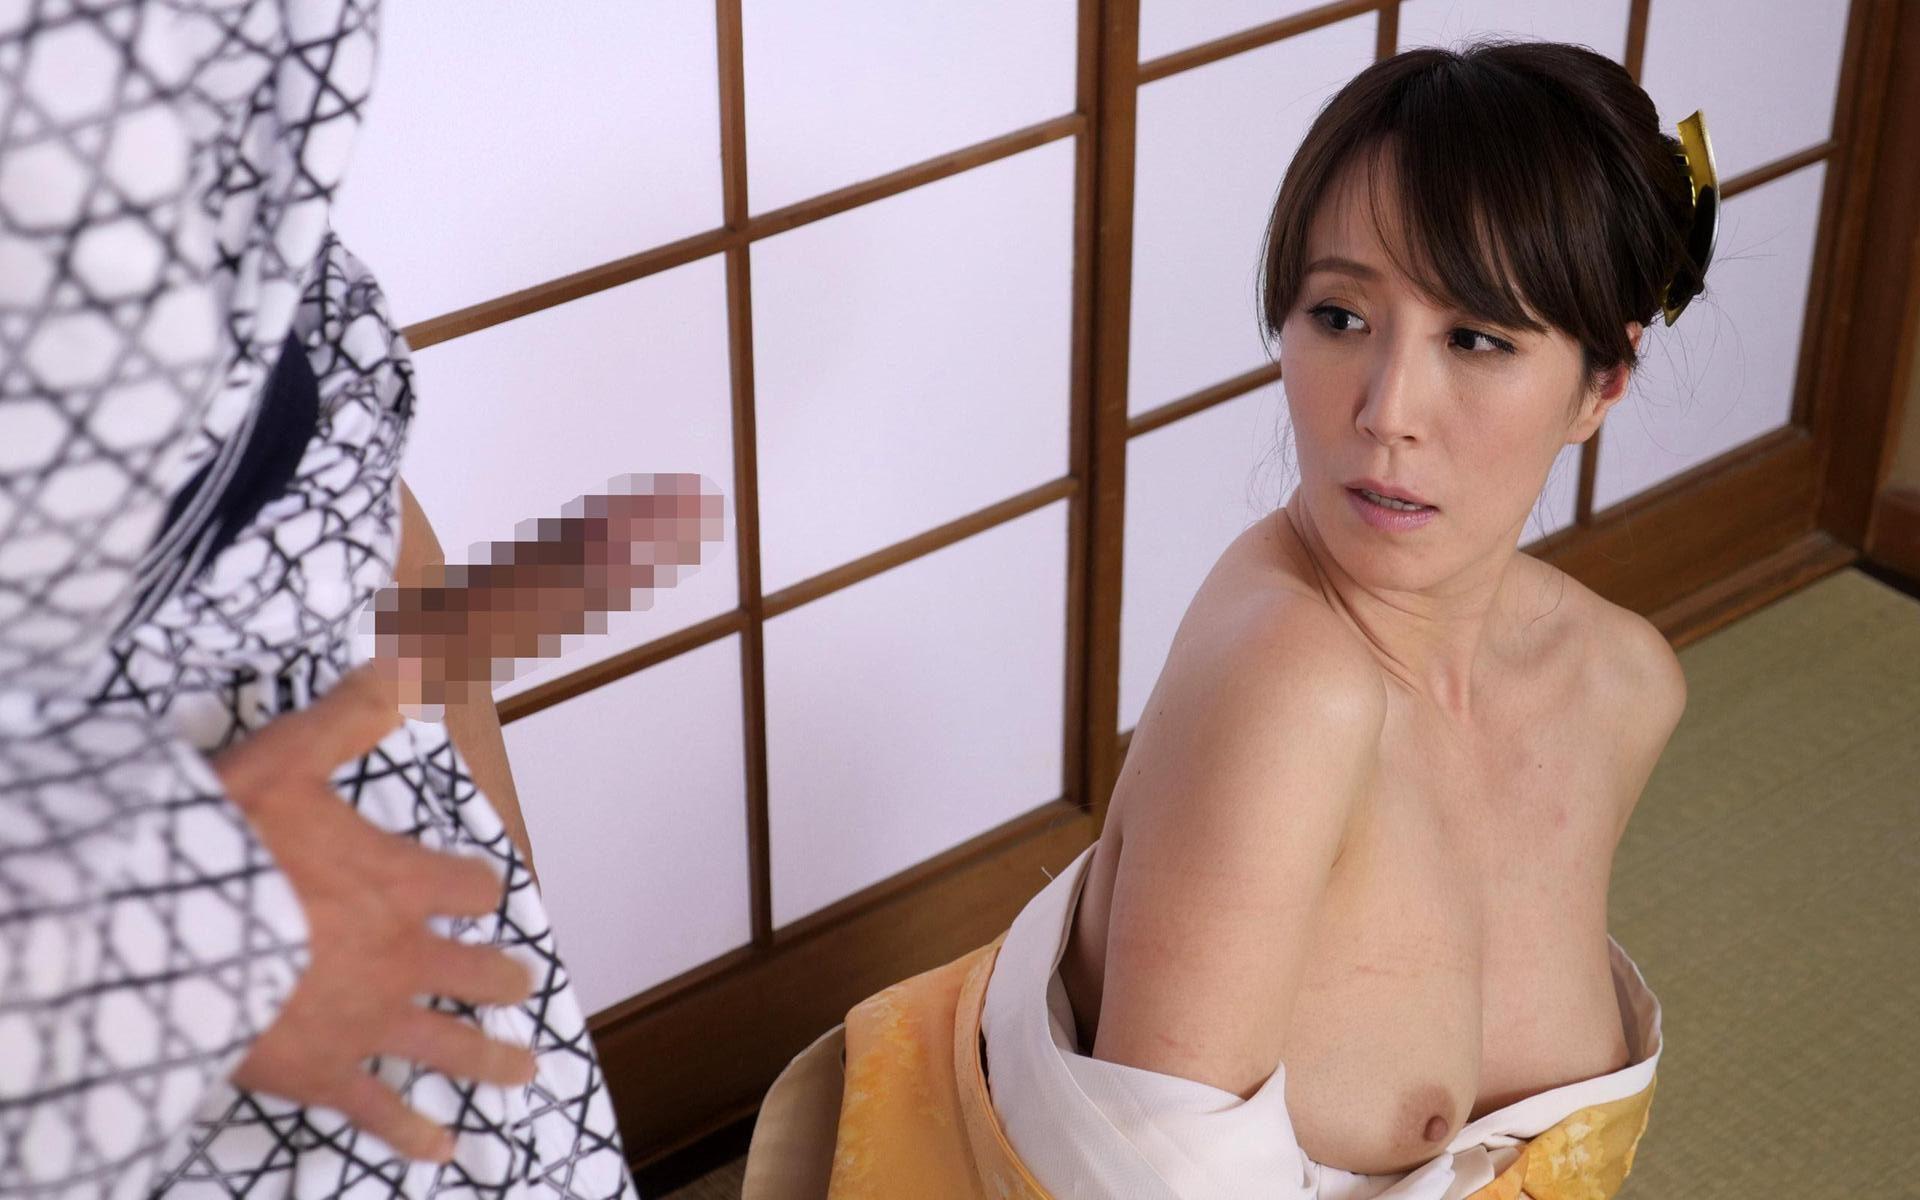 澤村レイコ『お女将さん 凄テクと潮吹きでおもてなし』(デジタル写真集) 207photos